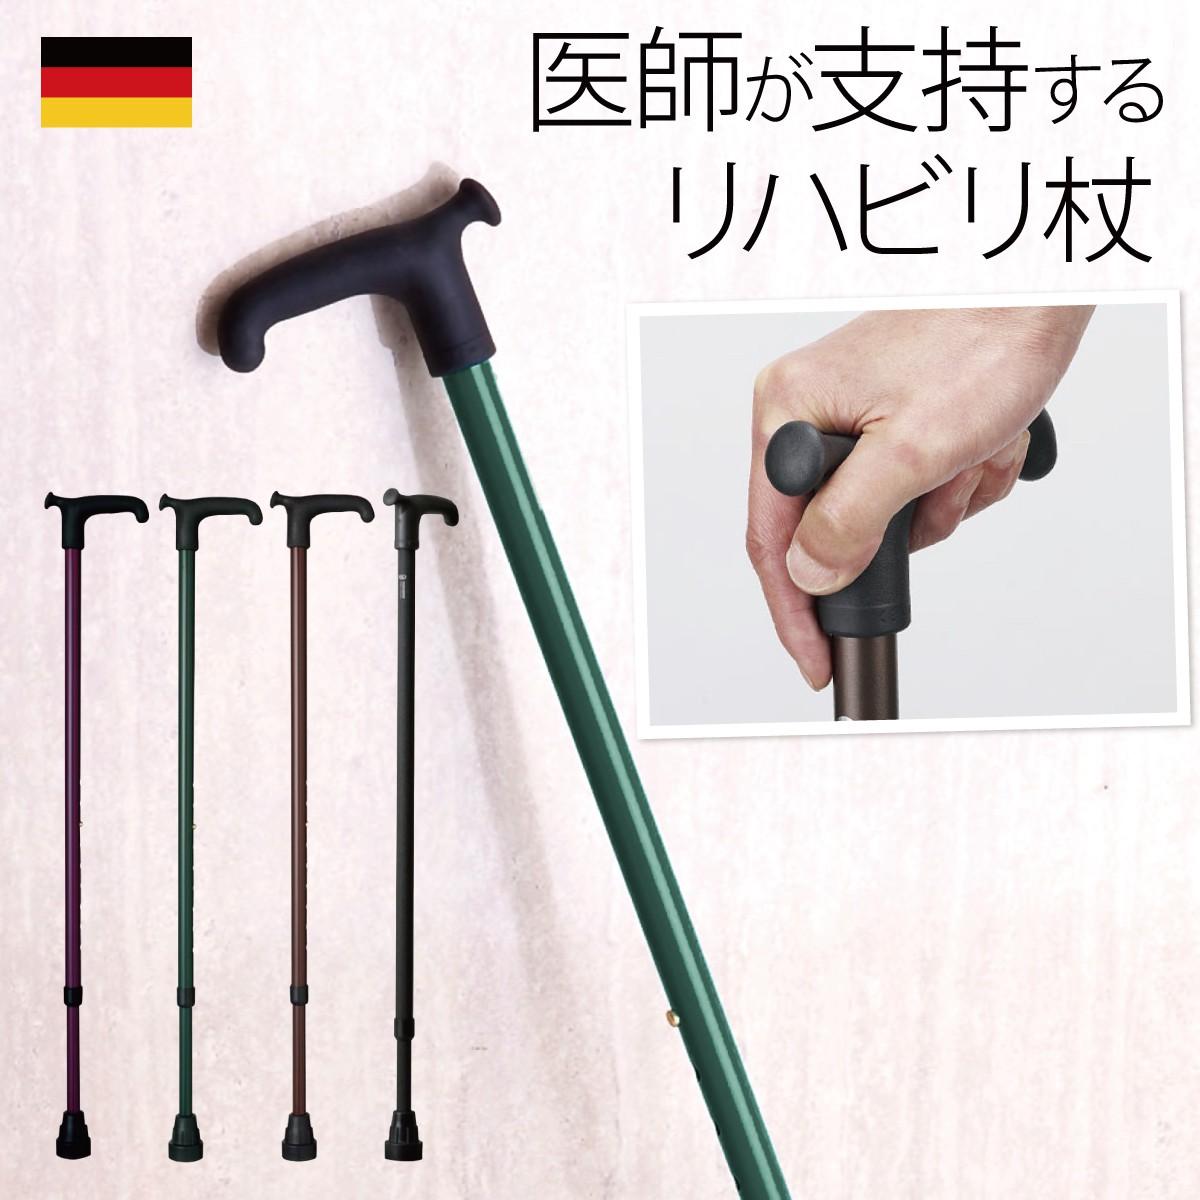 杖 ステッキ ドイツ製リハビリ用ステッキ(グレープ)OS1 ギフト プレゼント 贈り物